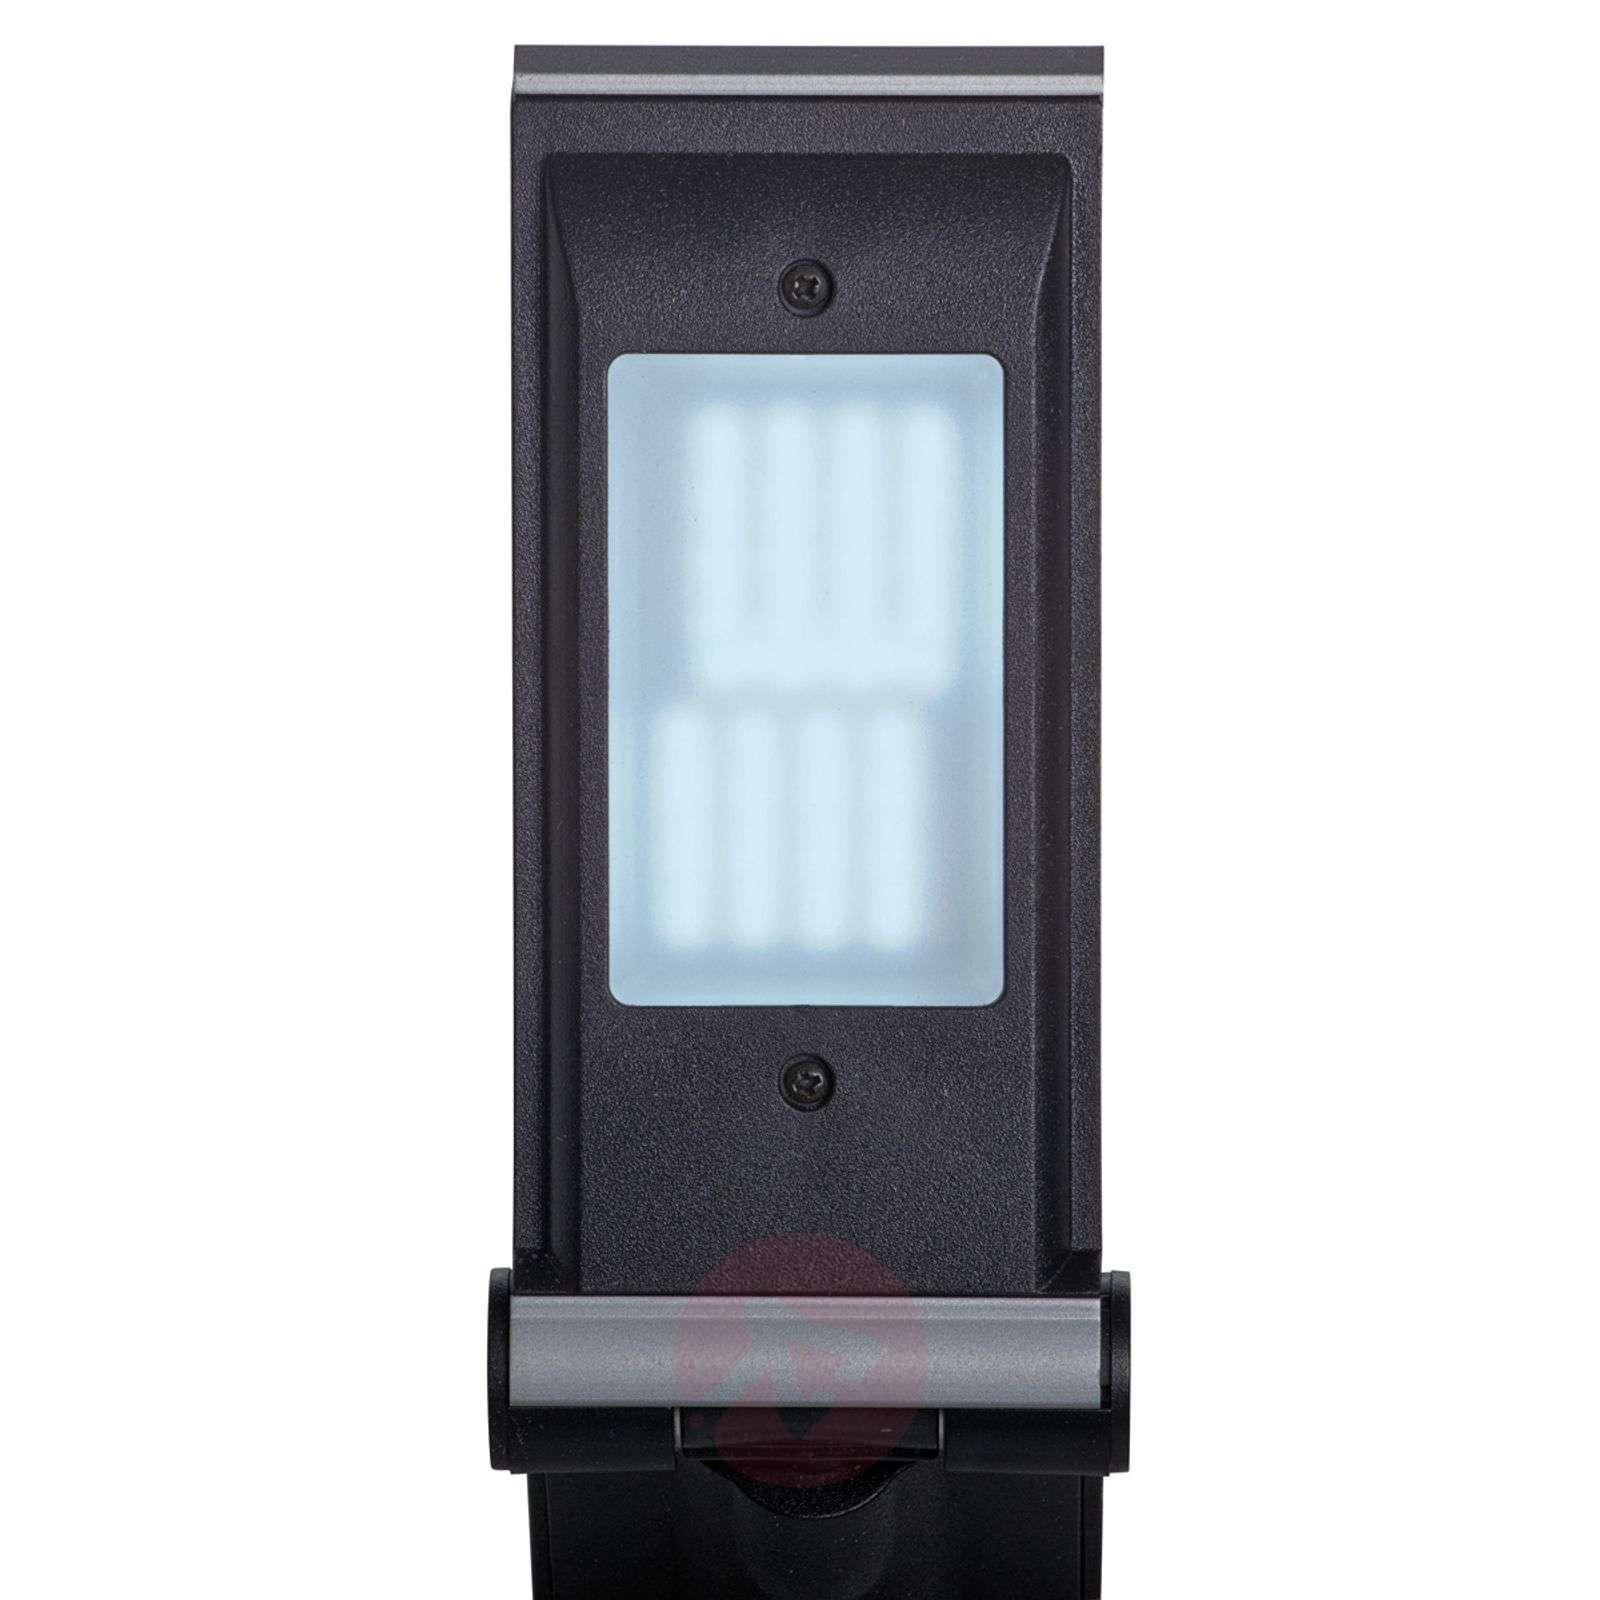 LED-työpöytävalaisin Optimus jalustalla-6509087-01